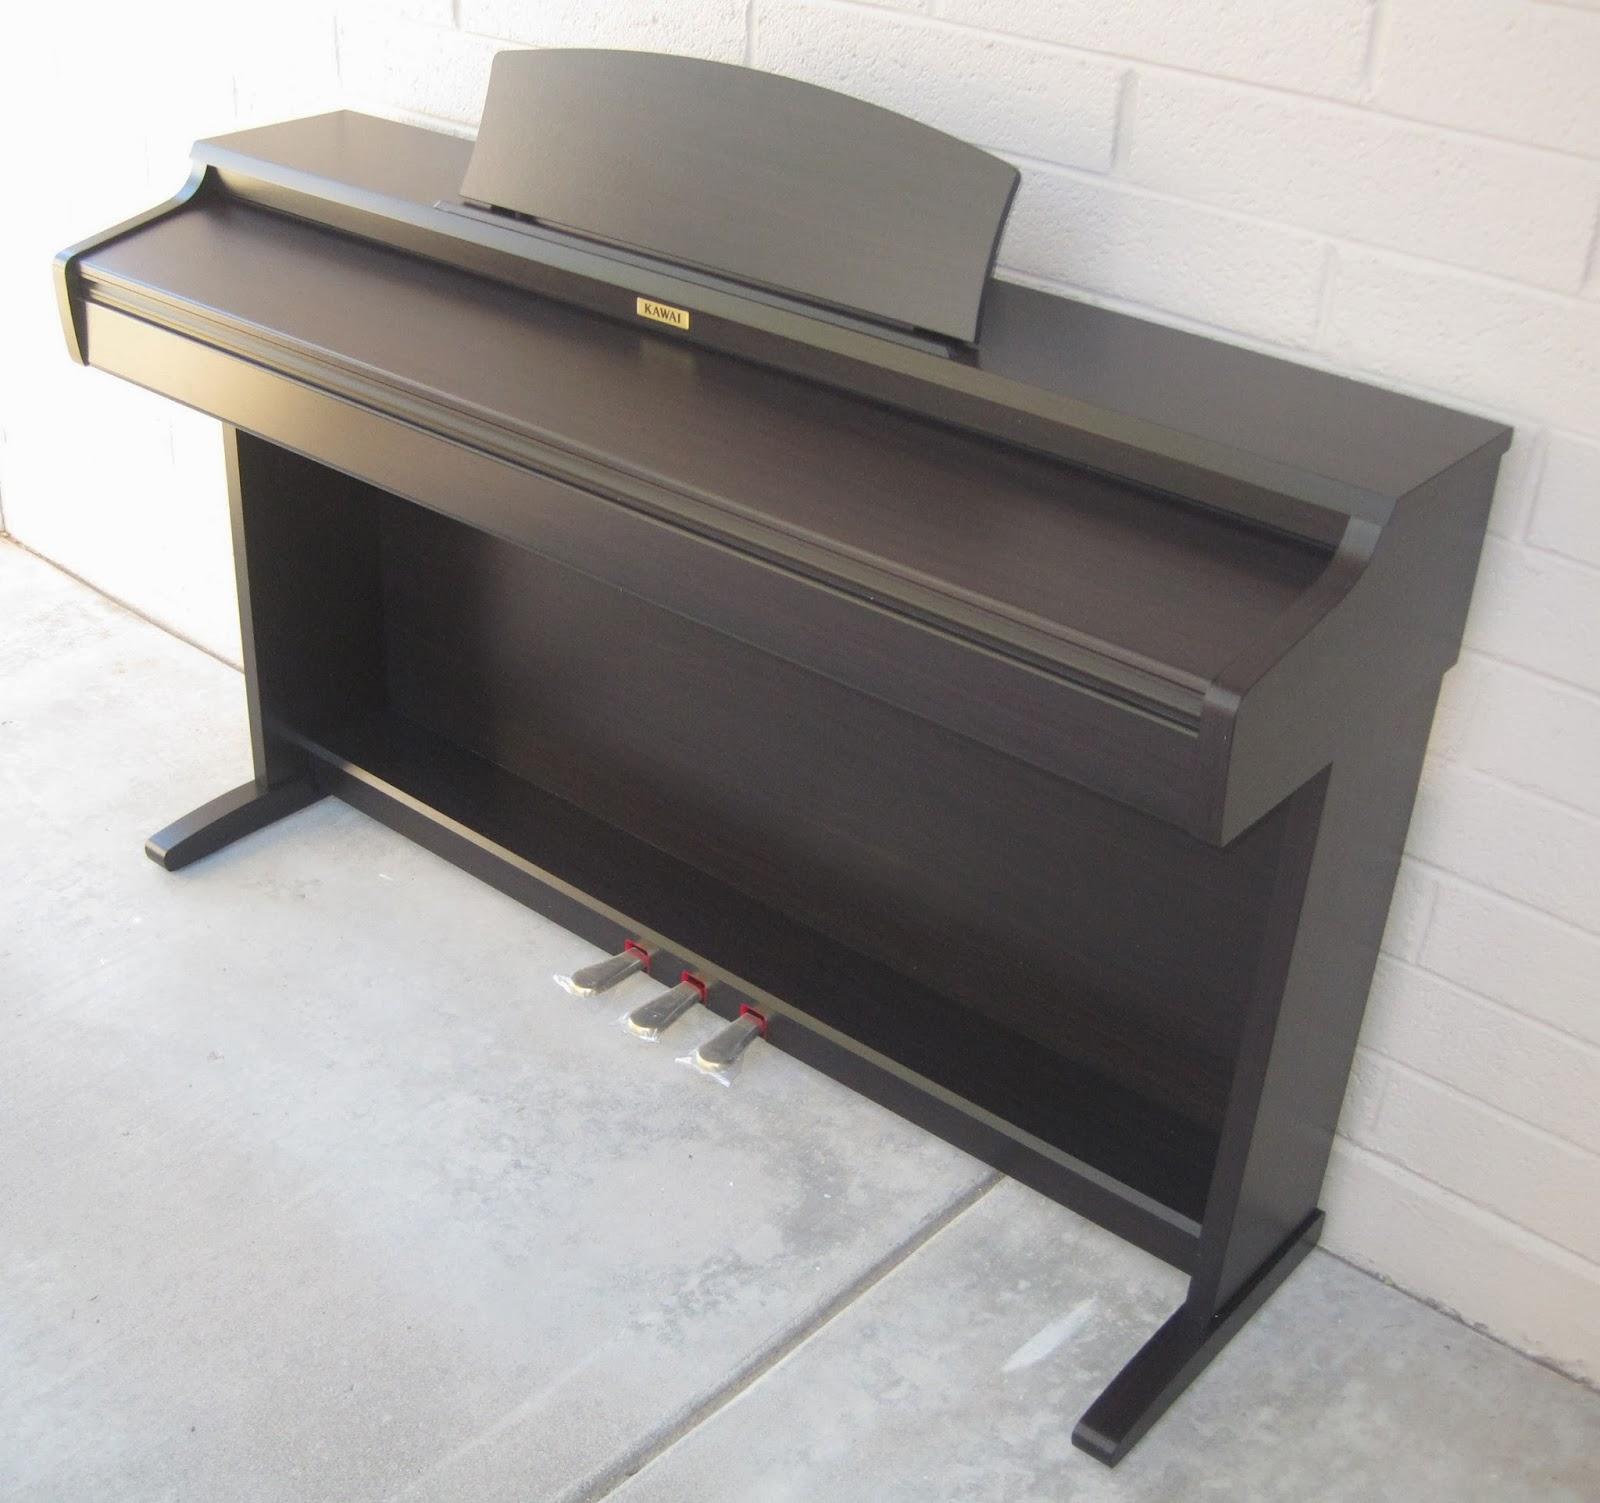 kawai kdp90 digital piano review